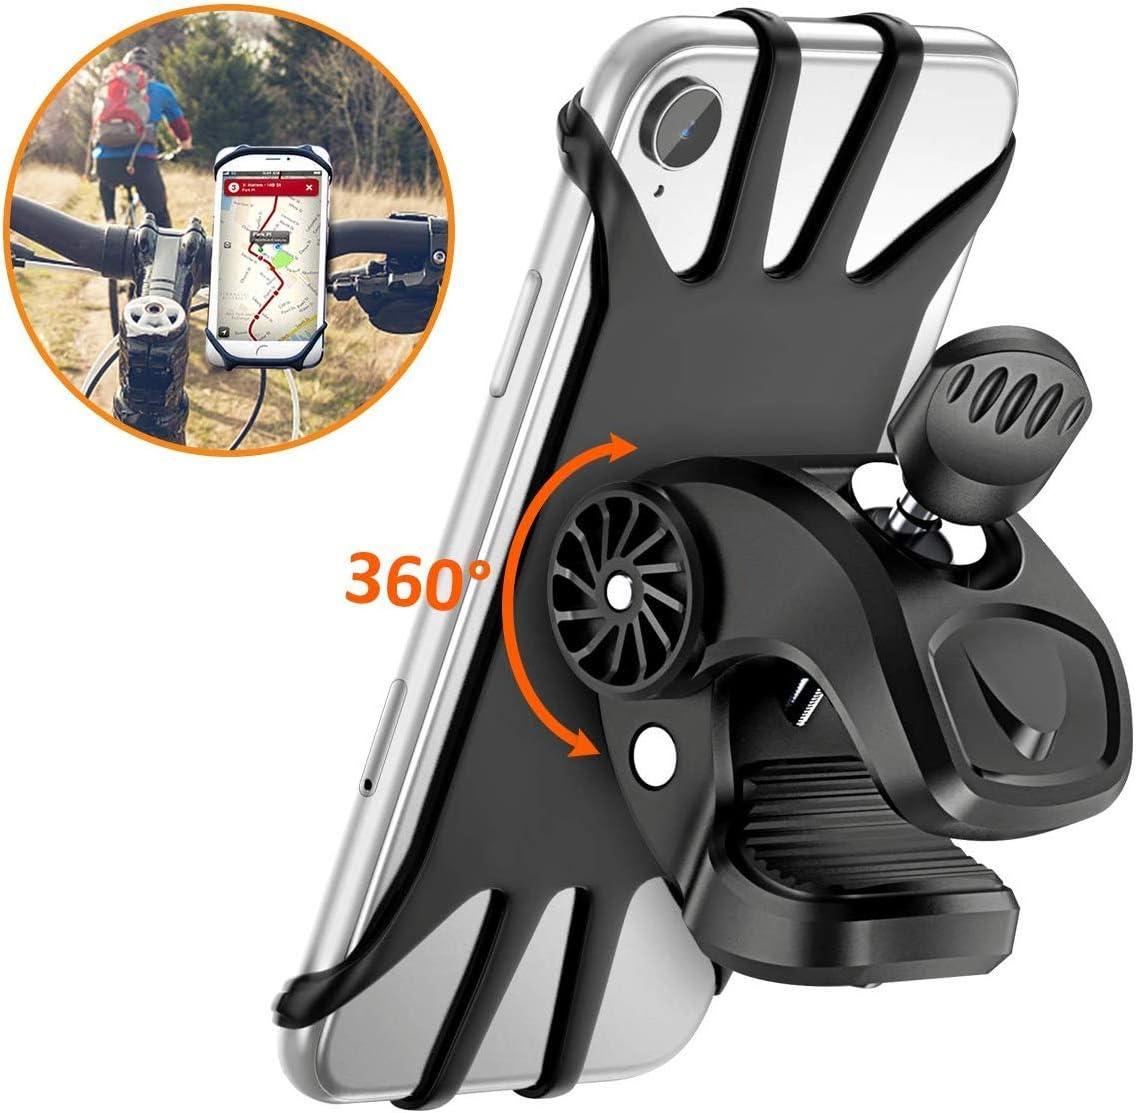 Vobon Soporte Móvil Bicicleta, Soporte Móvil Bici 360 Grados Anti Vibración Prevención De Caída Silicona Manillar Porta Móvil Moto 4.7 o 6.5 Pulgada Teléfonos (Negro)